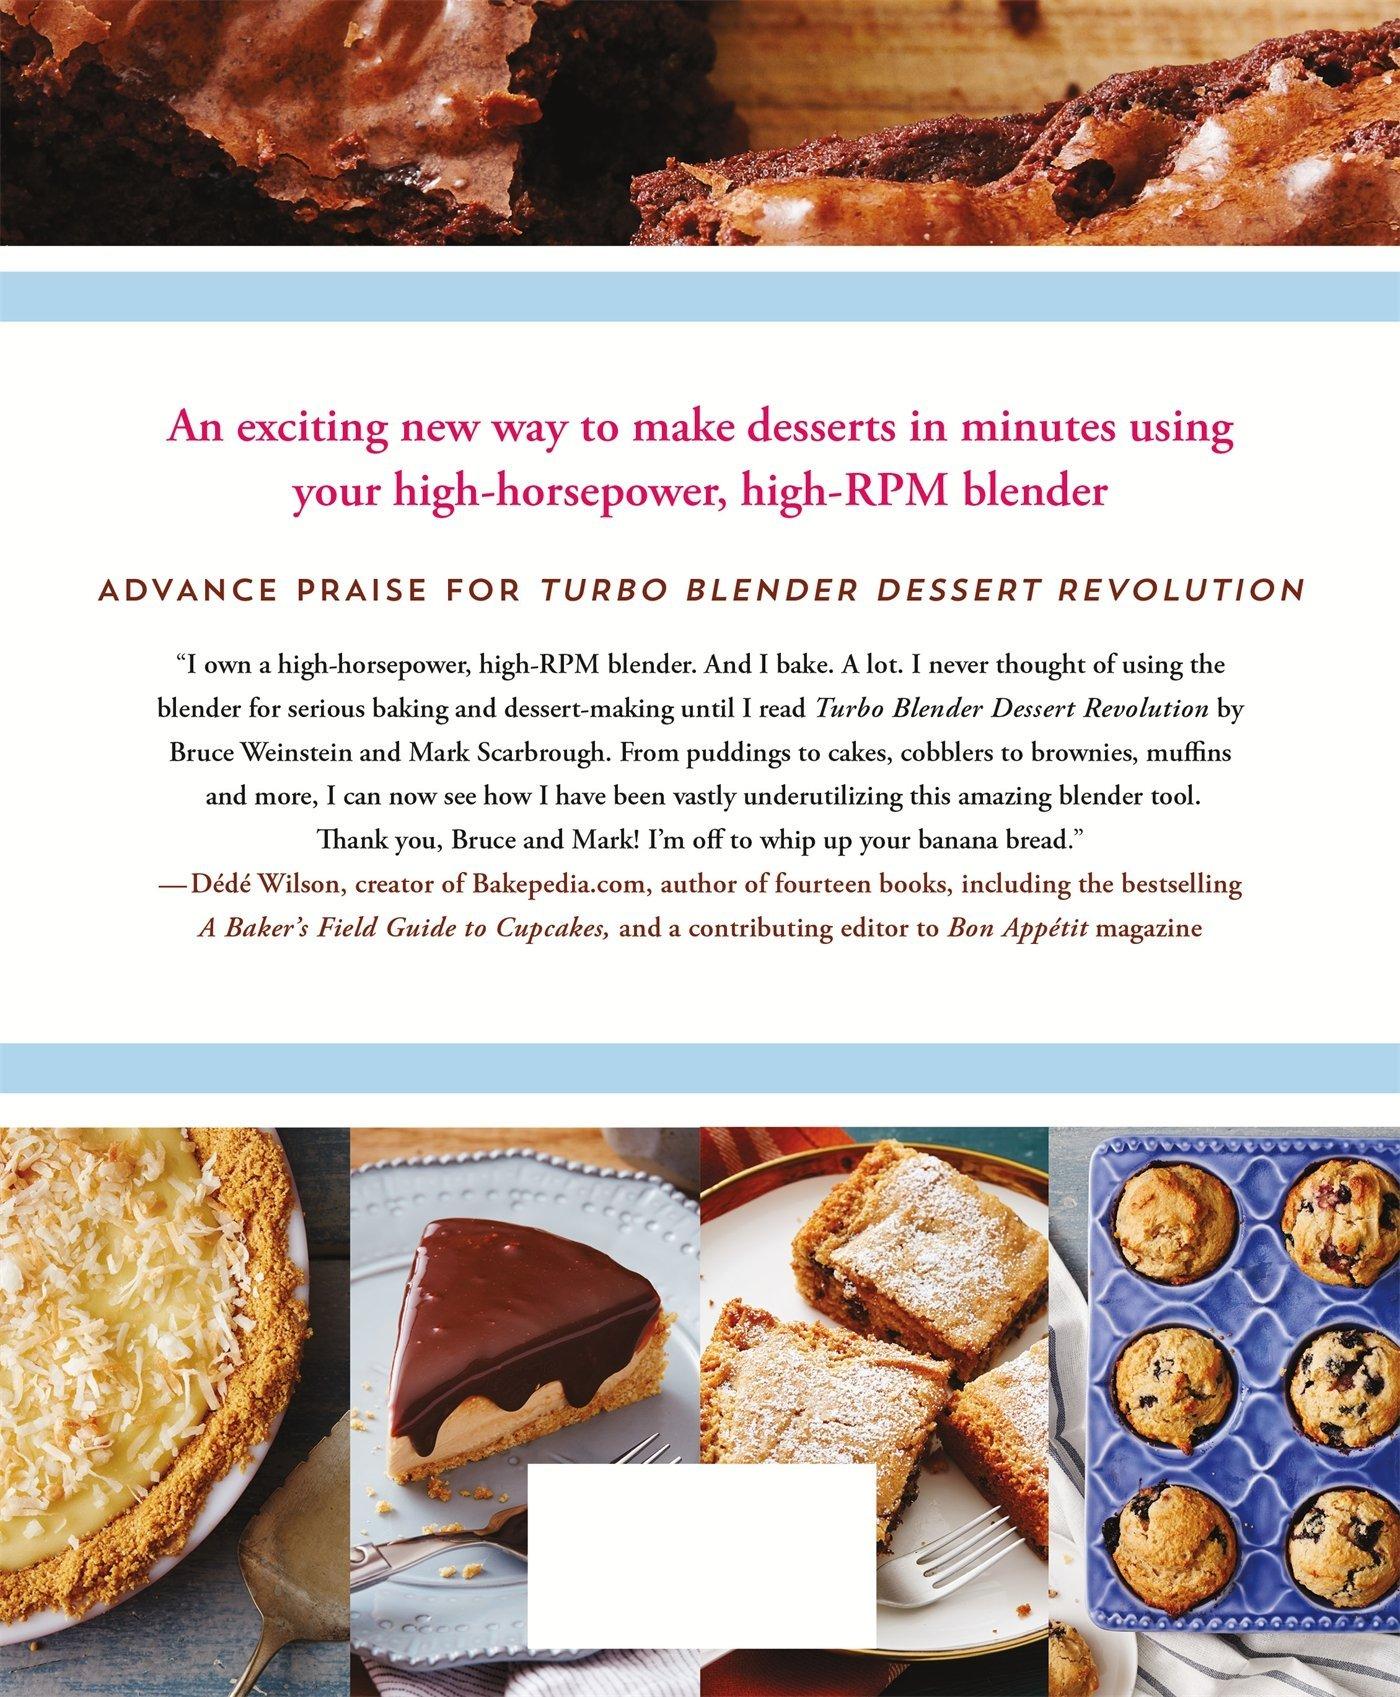 Turbo Blender Dessert Revolution More Than 140 Recipes for Pies